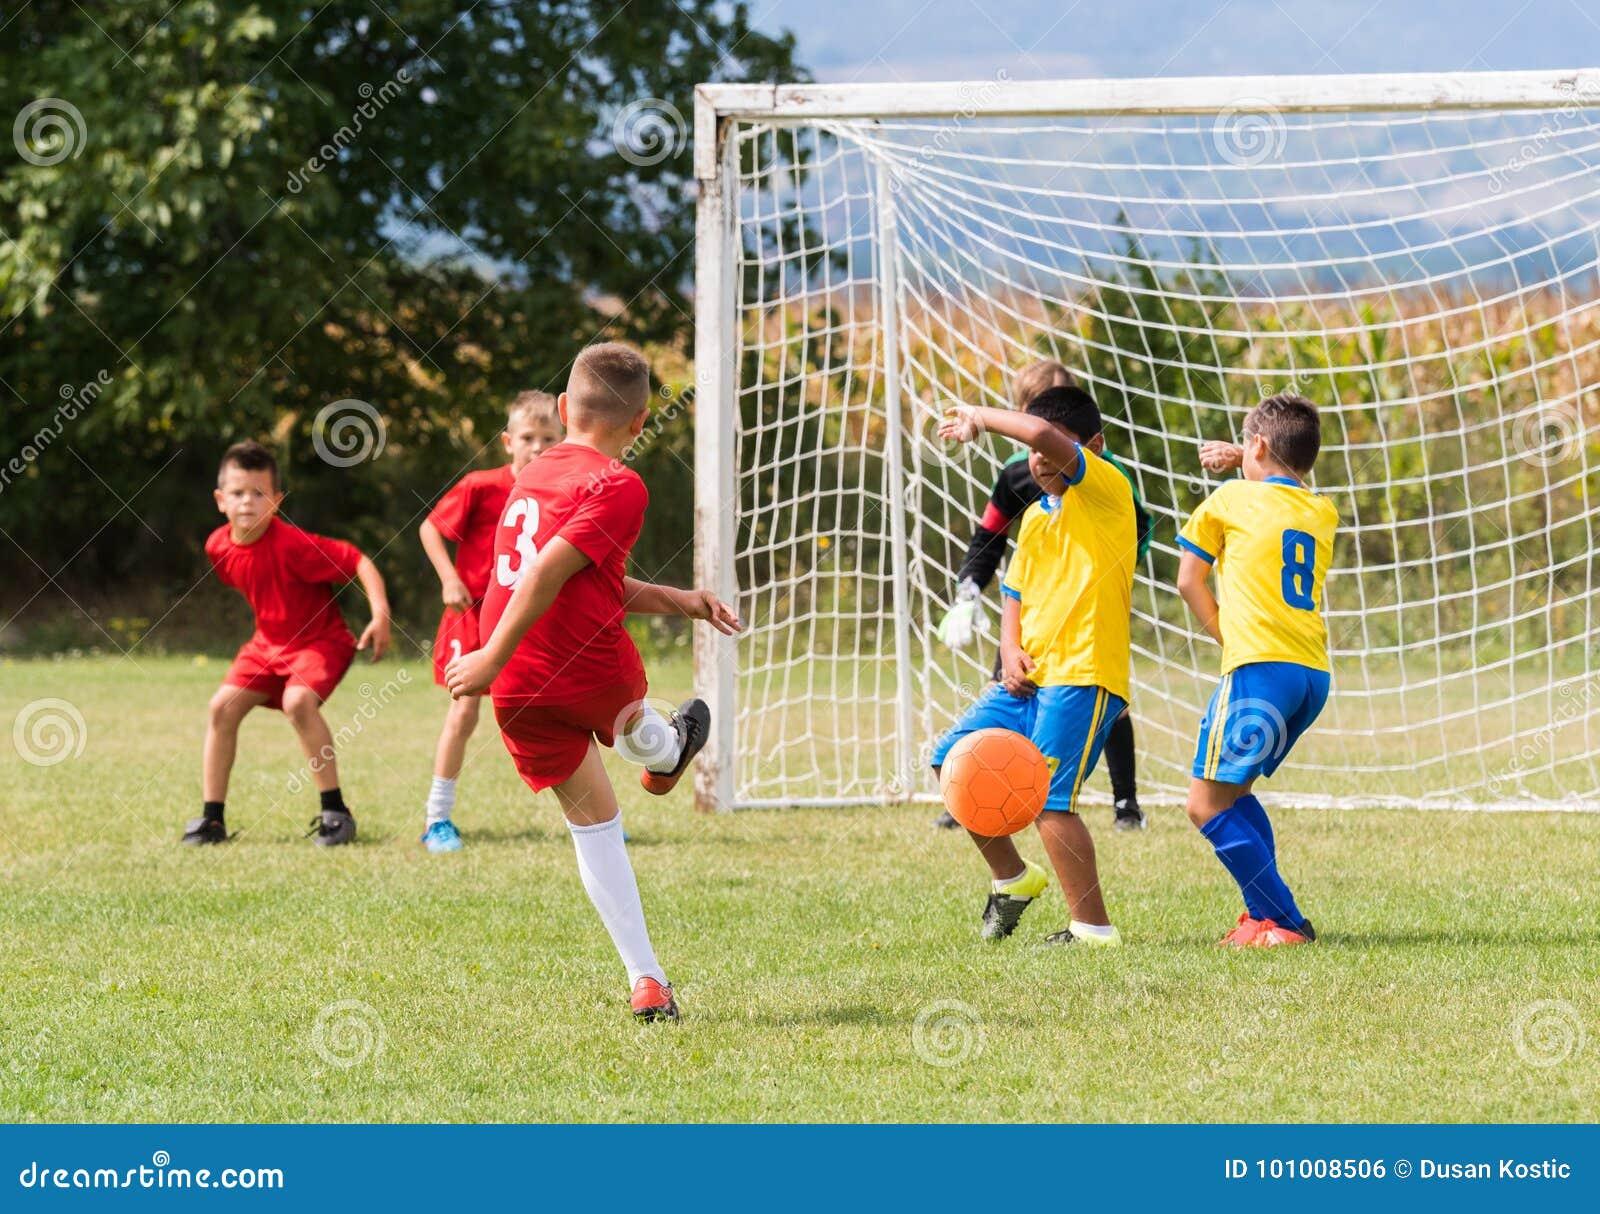 De voetbal van het jonge geitjesvoetbal - de gelijke van kinderenspelers op voetbalgebied